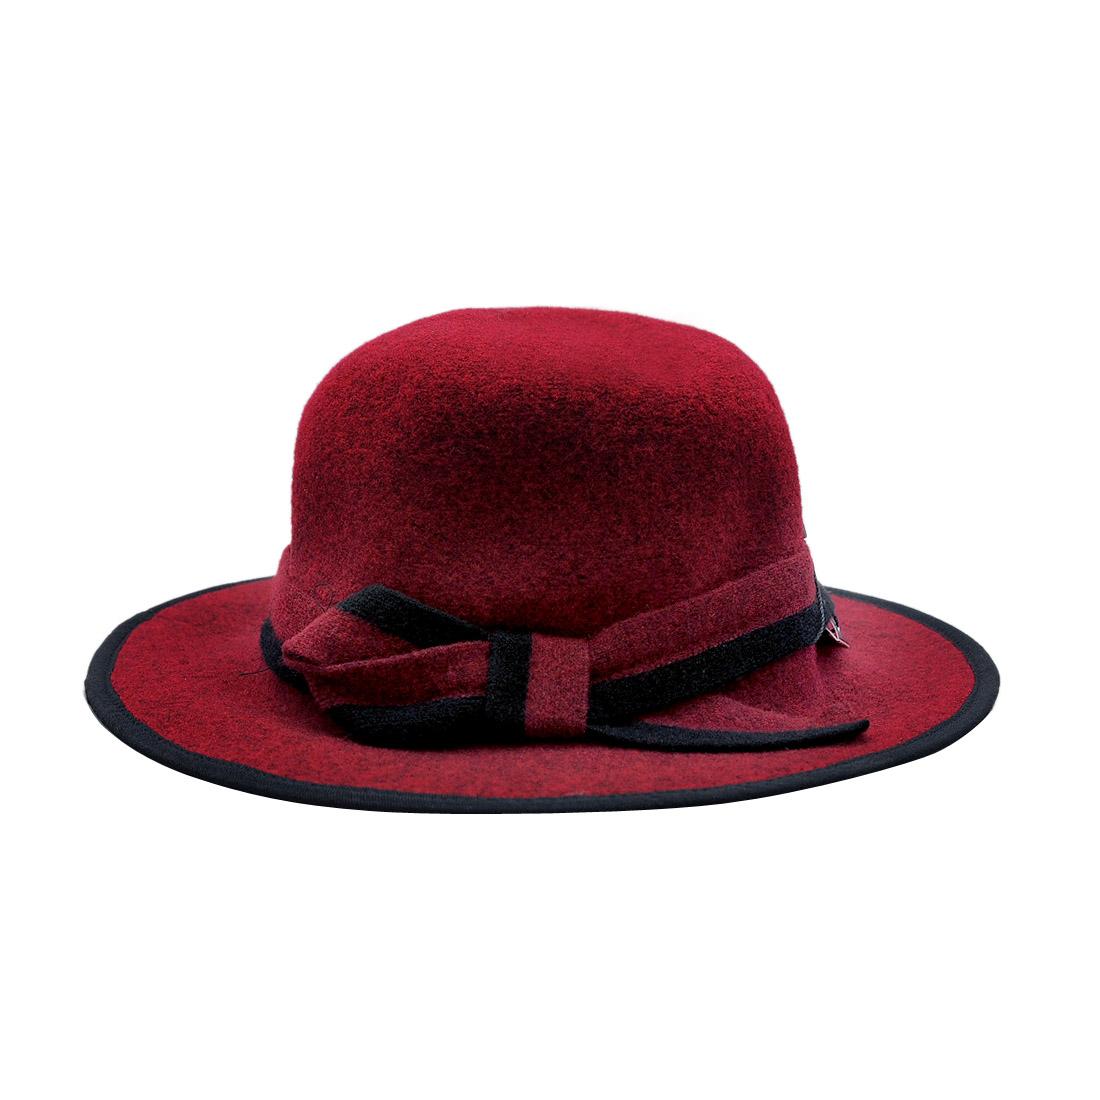 Mũ vành dạ nữ thời trang cao cấp màu đỏ đô EH39-3